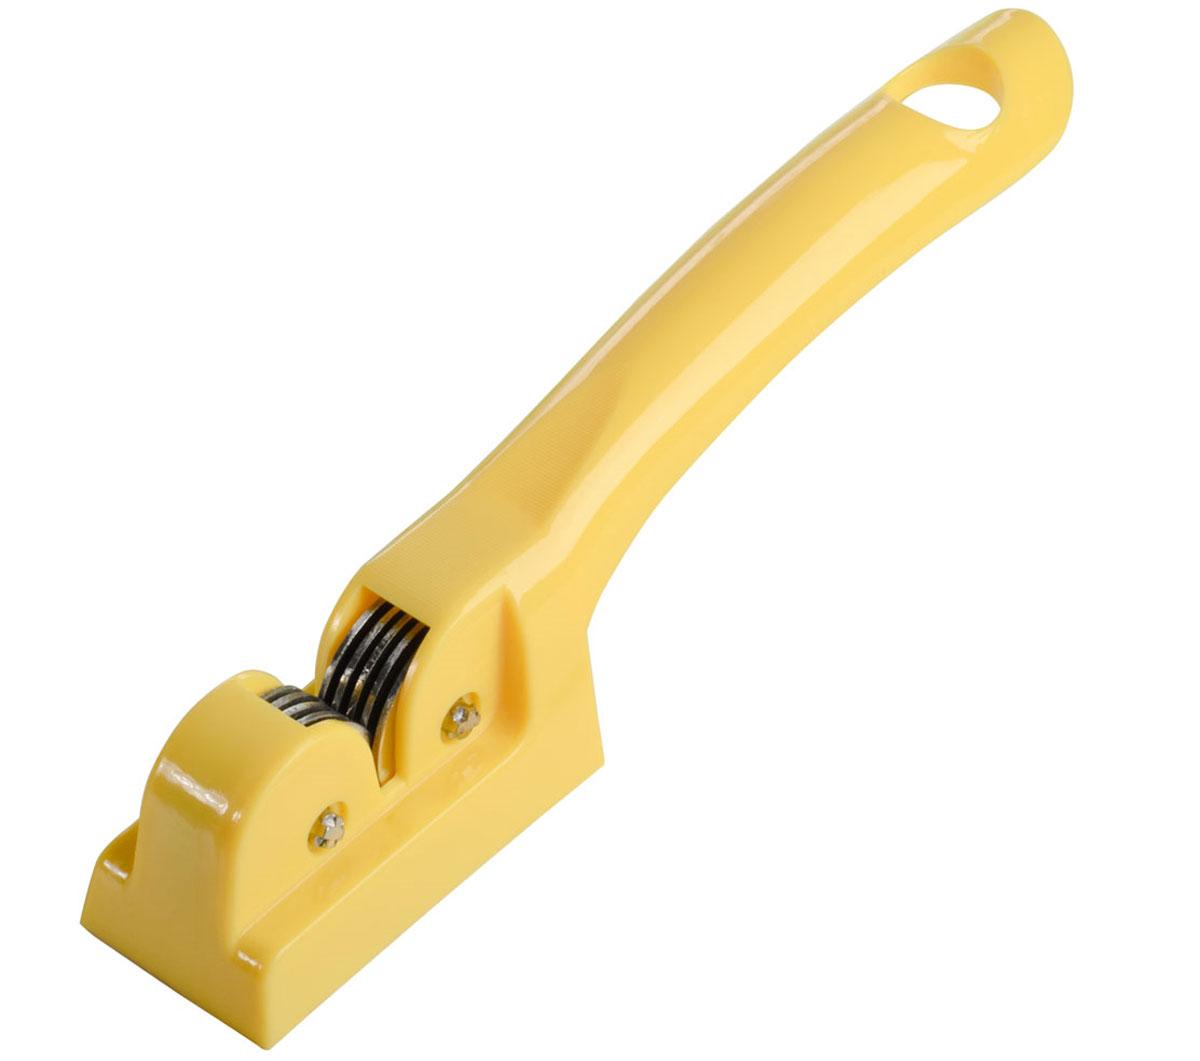 Ножеточка Fackelmann Polonia, цвет: желтый, длина 18 см521831Ножеточка Fackelmann Polonia выполнена из высококачественной нержавеющей стали ипластика. Диски ножеточки специально направлены и заточены, что обеспечиваетбыструю и качественную заточку любых лезвий. Удобная ручка не позволитвыскользнуть изделию из вашей руки. Ручка имеет петлю, с помощью которойножеточку можно подвесить в удобном для вас месте. Длина ножеточки: 18 см. Размер рабочей части: 5 см х 2 см х 3 см.